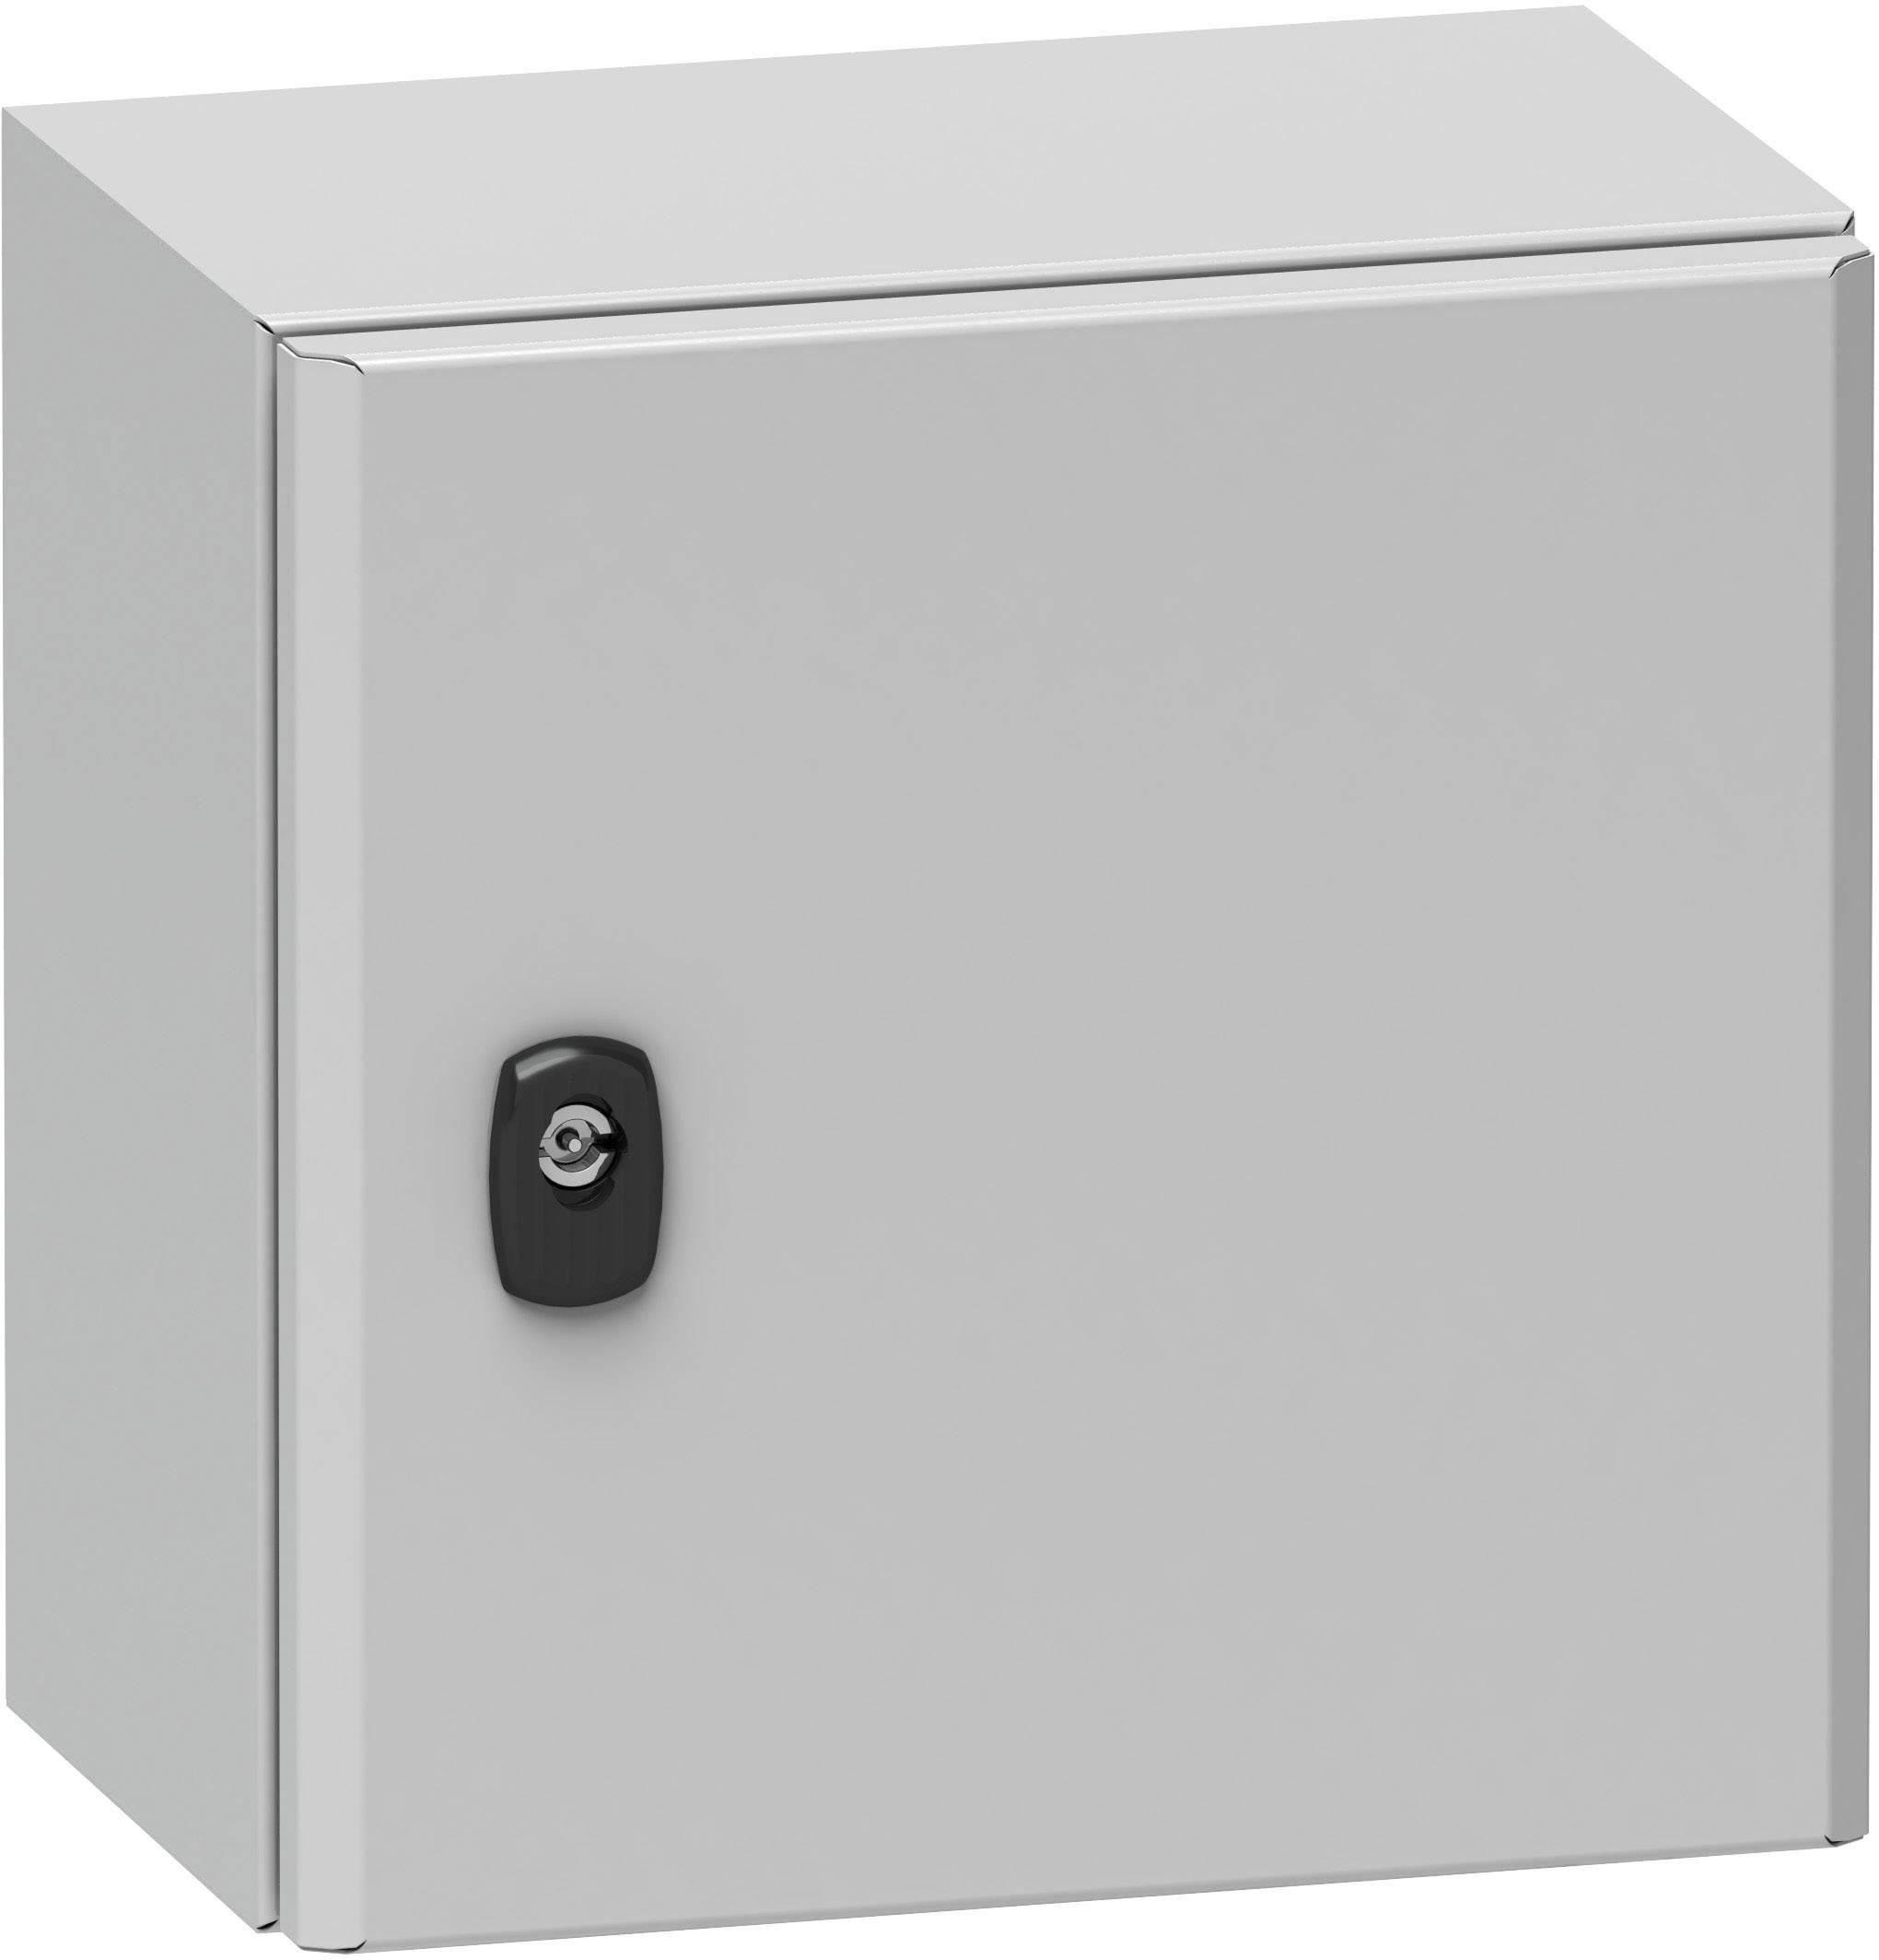 Pouzdro Schneider Electric NSYS3D5320P NSYS3D5320P, (š x v x h) 300 x 500 x 200 mm, ocel, šedá (RAL 7035), 1 ks